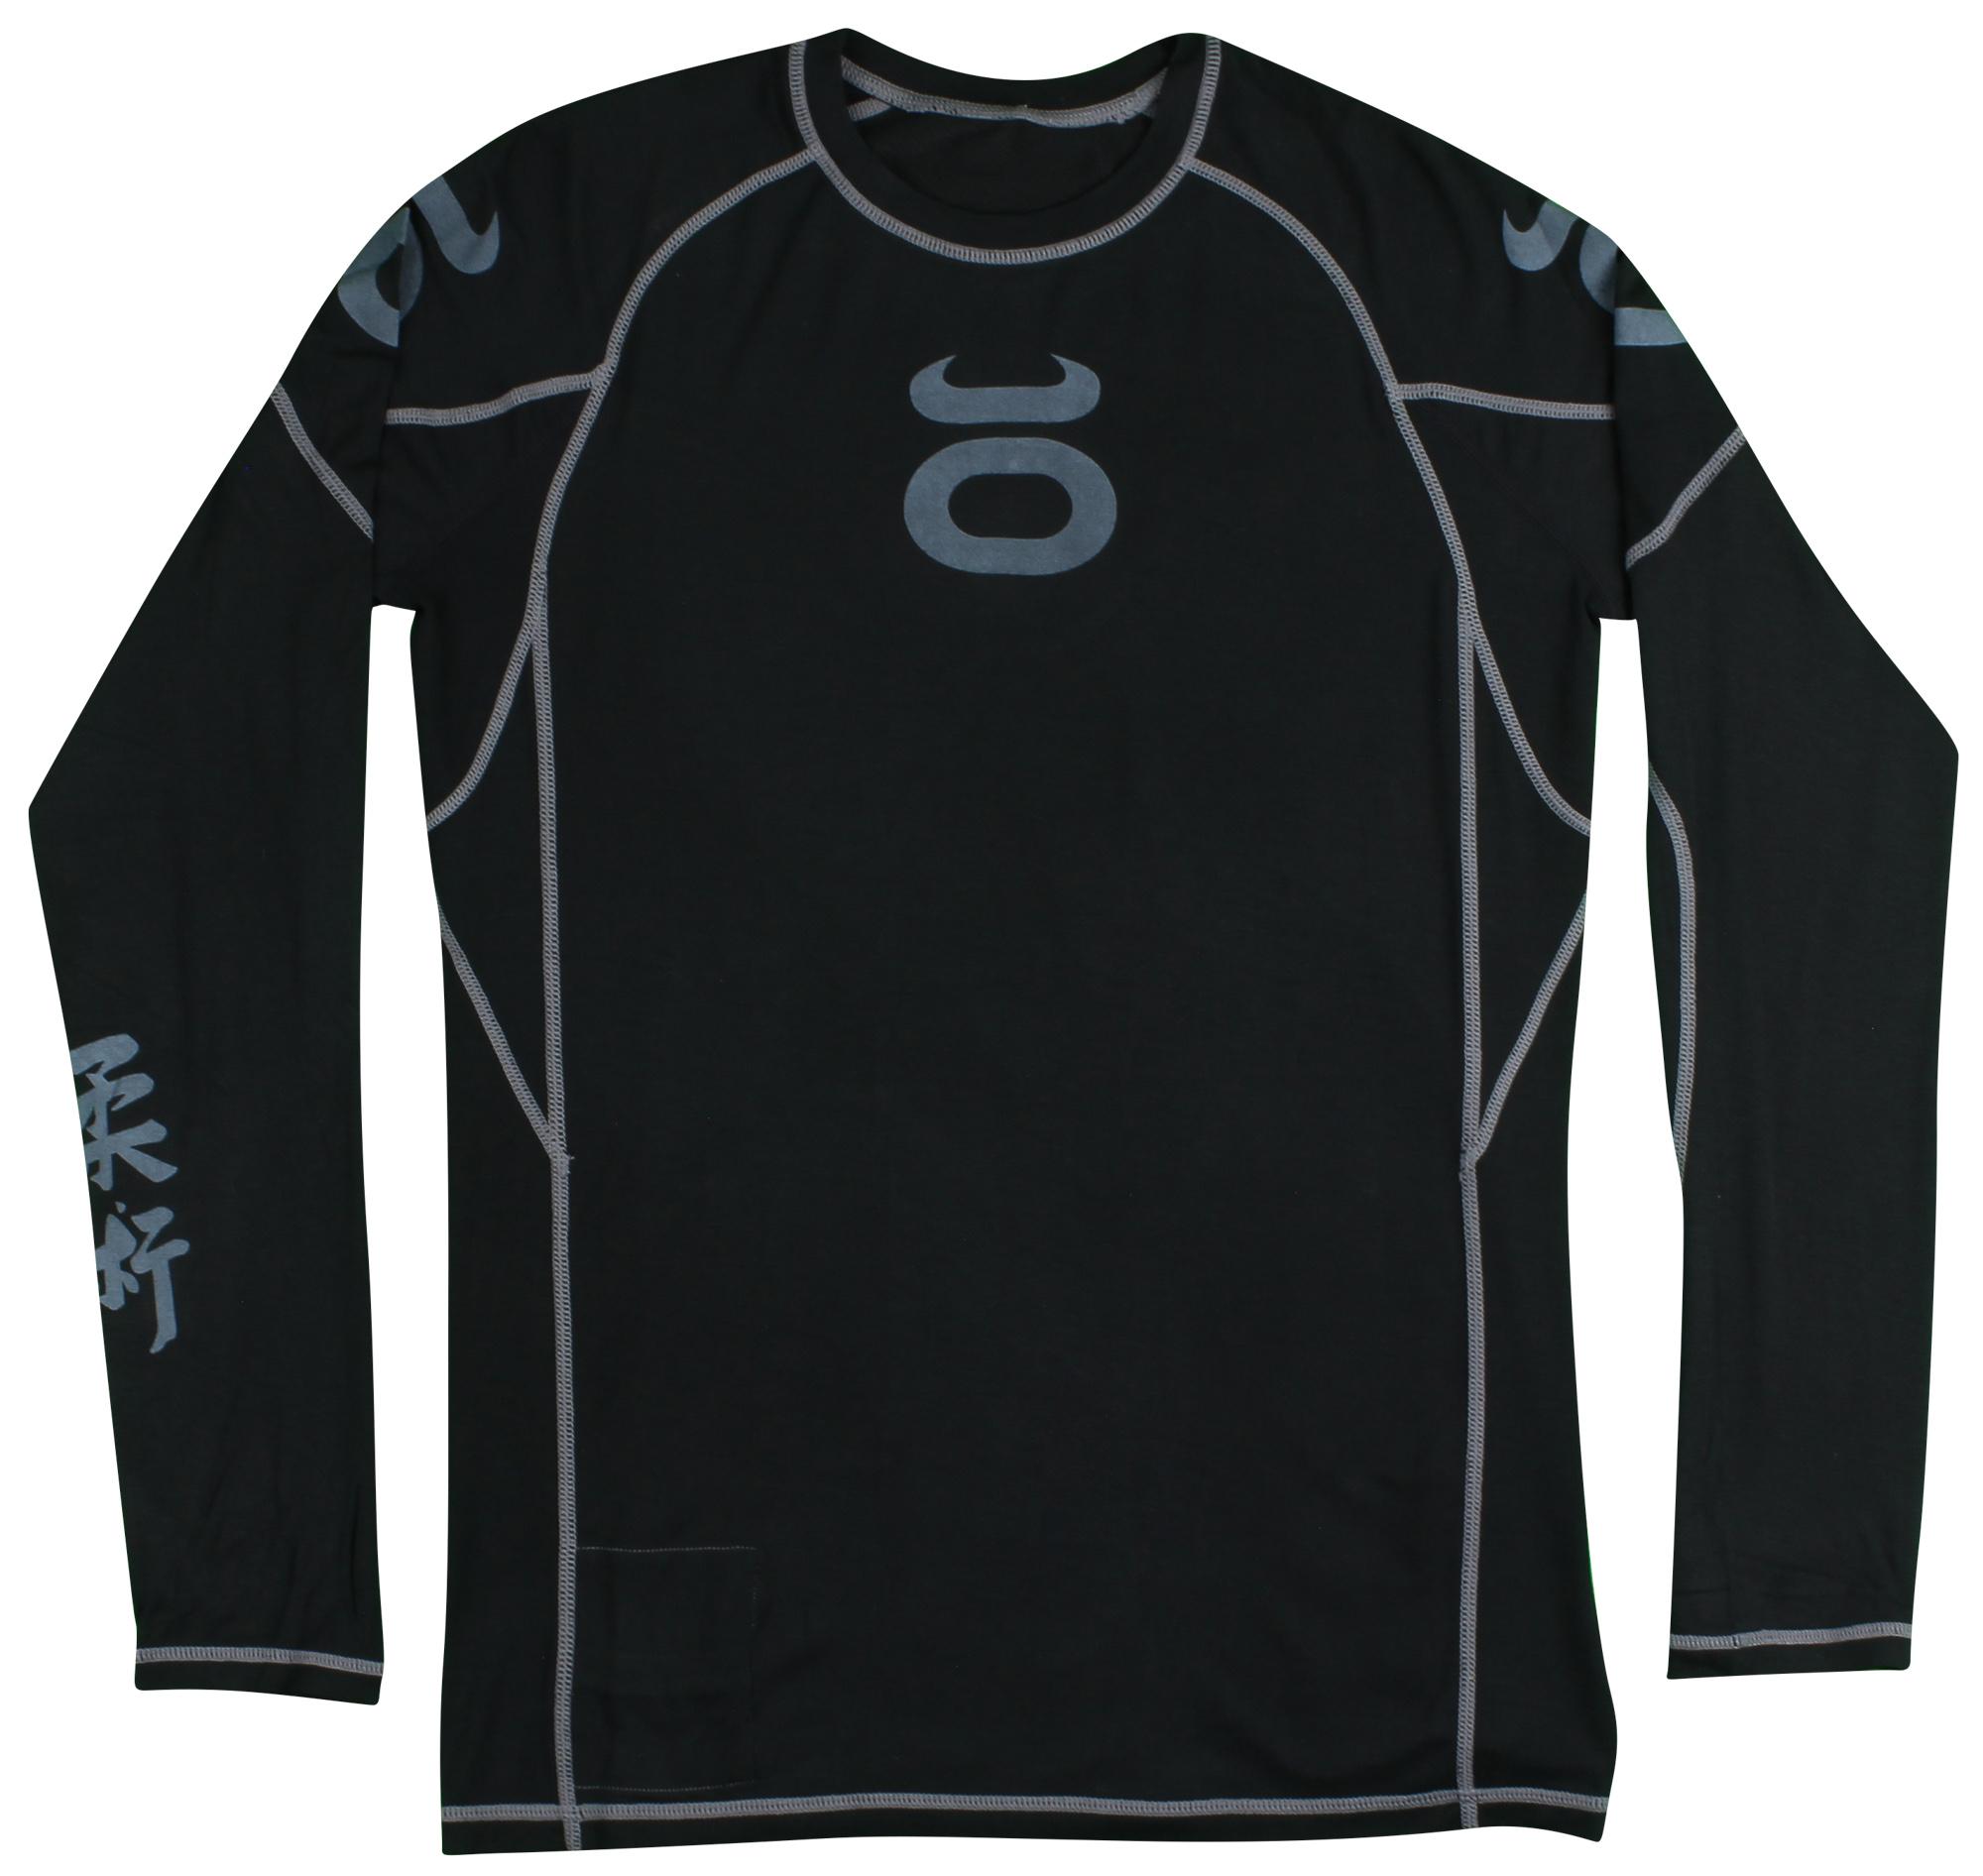 3943b79814cdb Jaco Mens Loose Compression Long Sleeve Rashguard - Black Gray